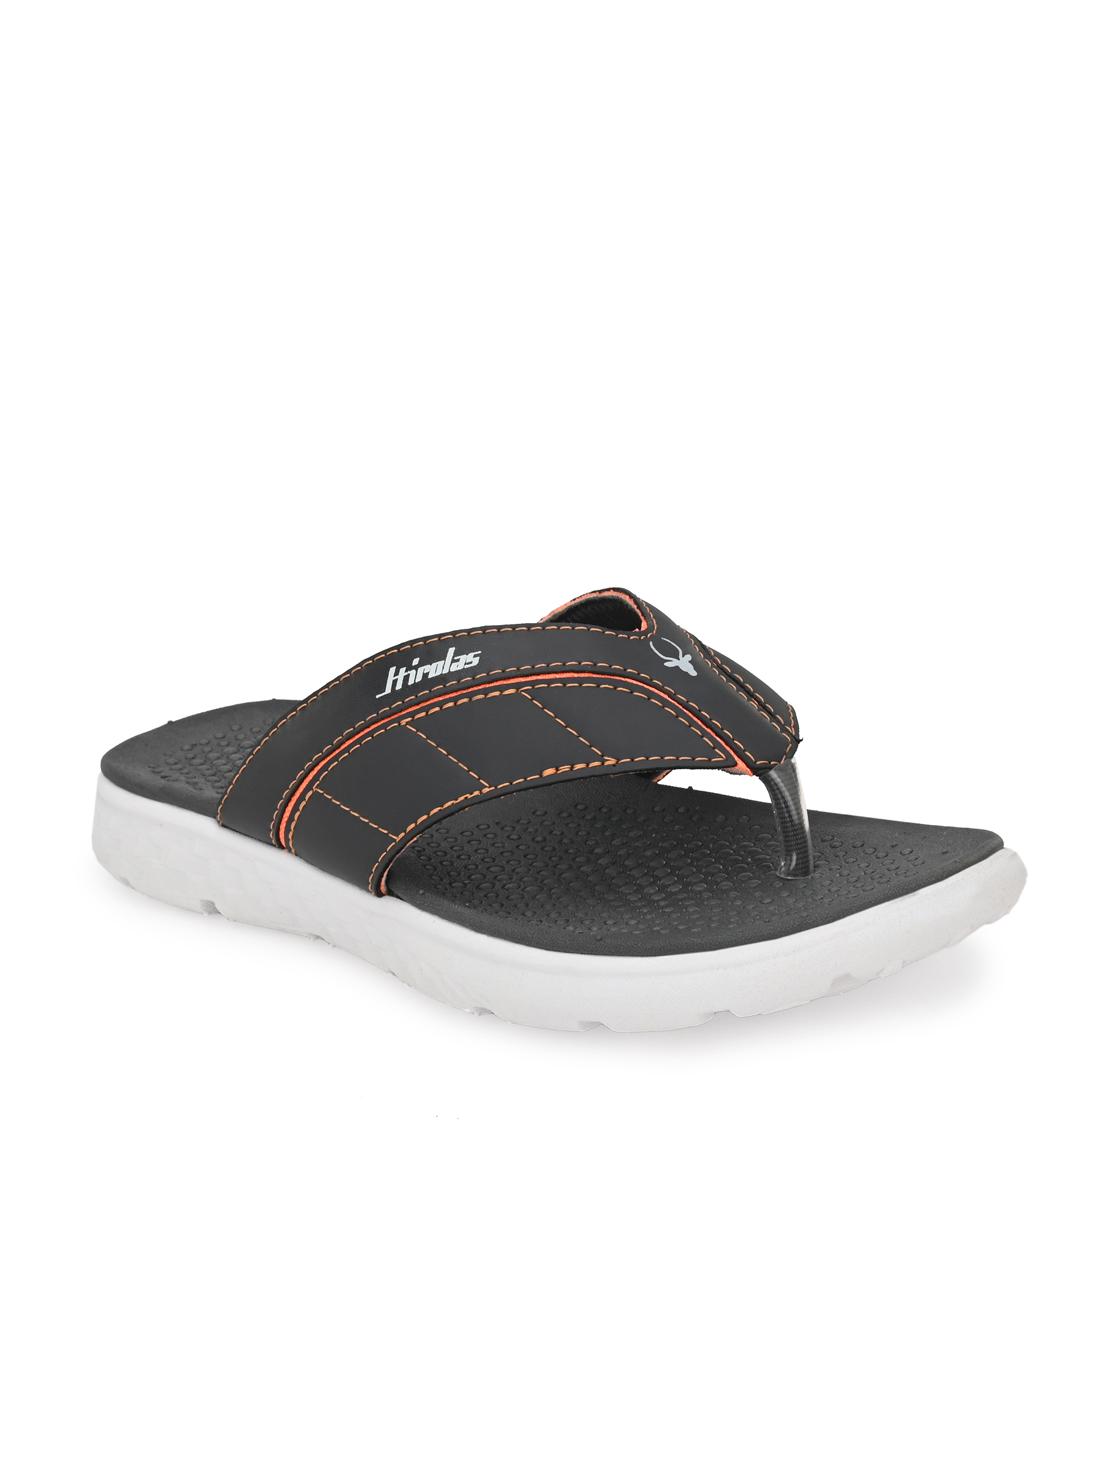 Hirolas | Hirolas® CLOUDWALK | Comfortable | Ultra-Soft | Light-Weight | Shock Absorbent | Bounce Back Technology | Water-Resistant | Flip Flops | Slippers for Men - Grey/Orange